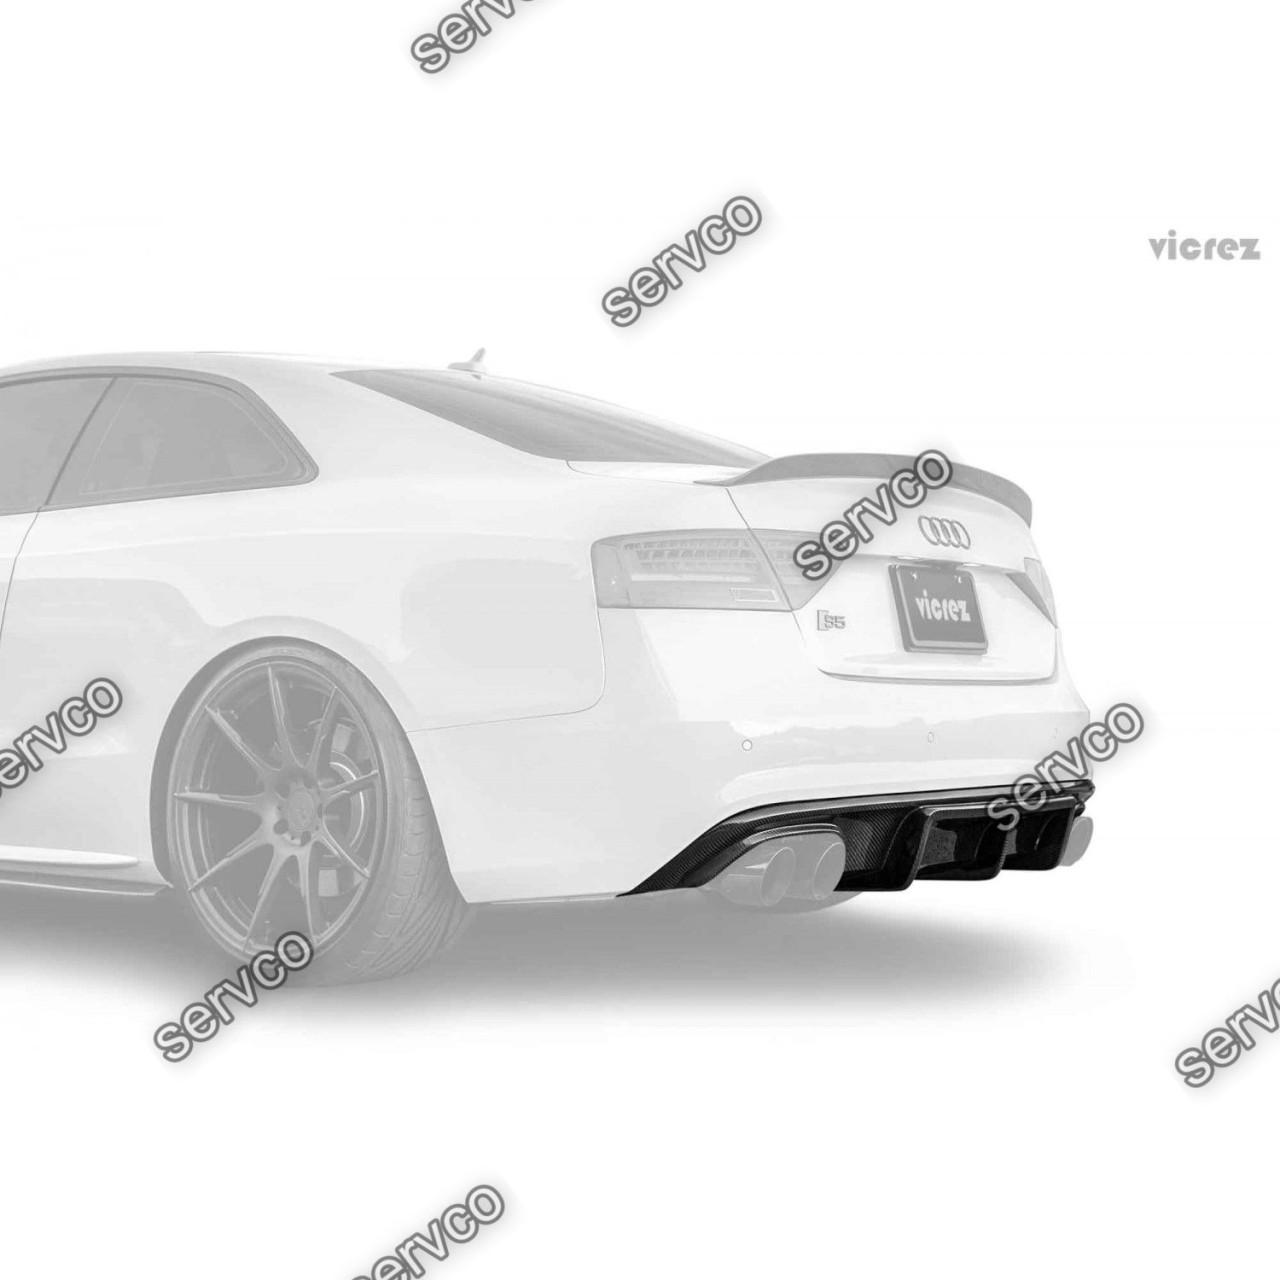 Difuzor Audi A5 Coupe Cabrio 2012-2015 v10